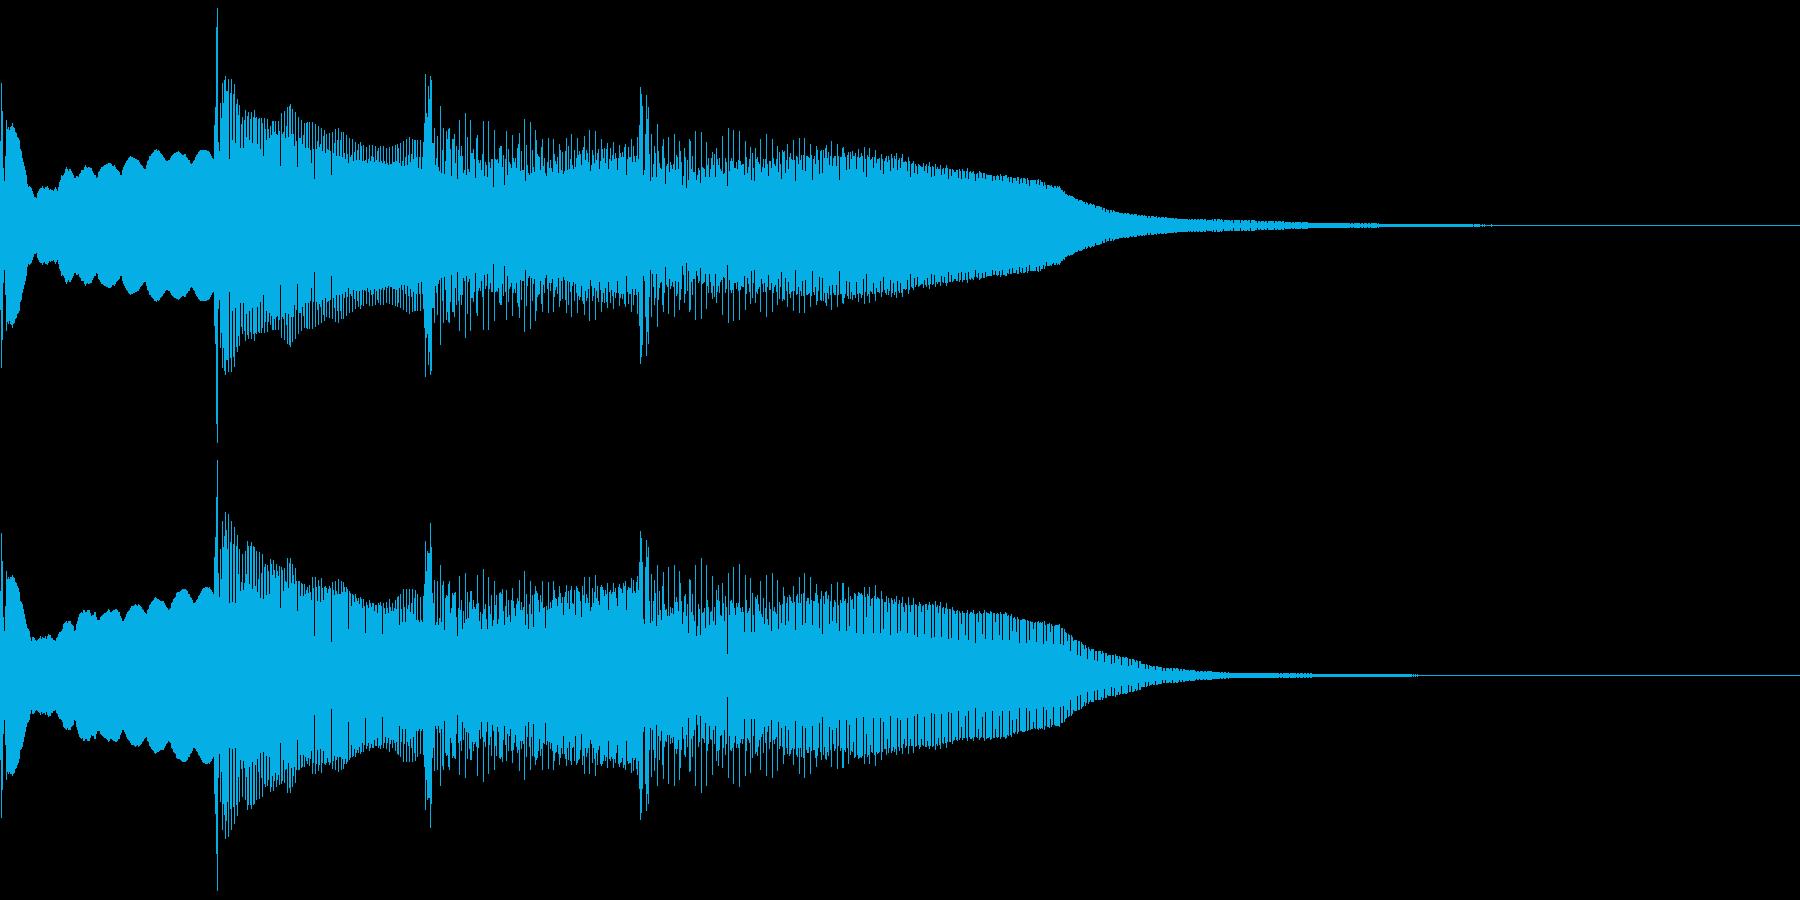 【放送】ピンポンパンポーン↓の再生済みの波形